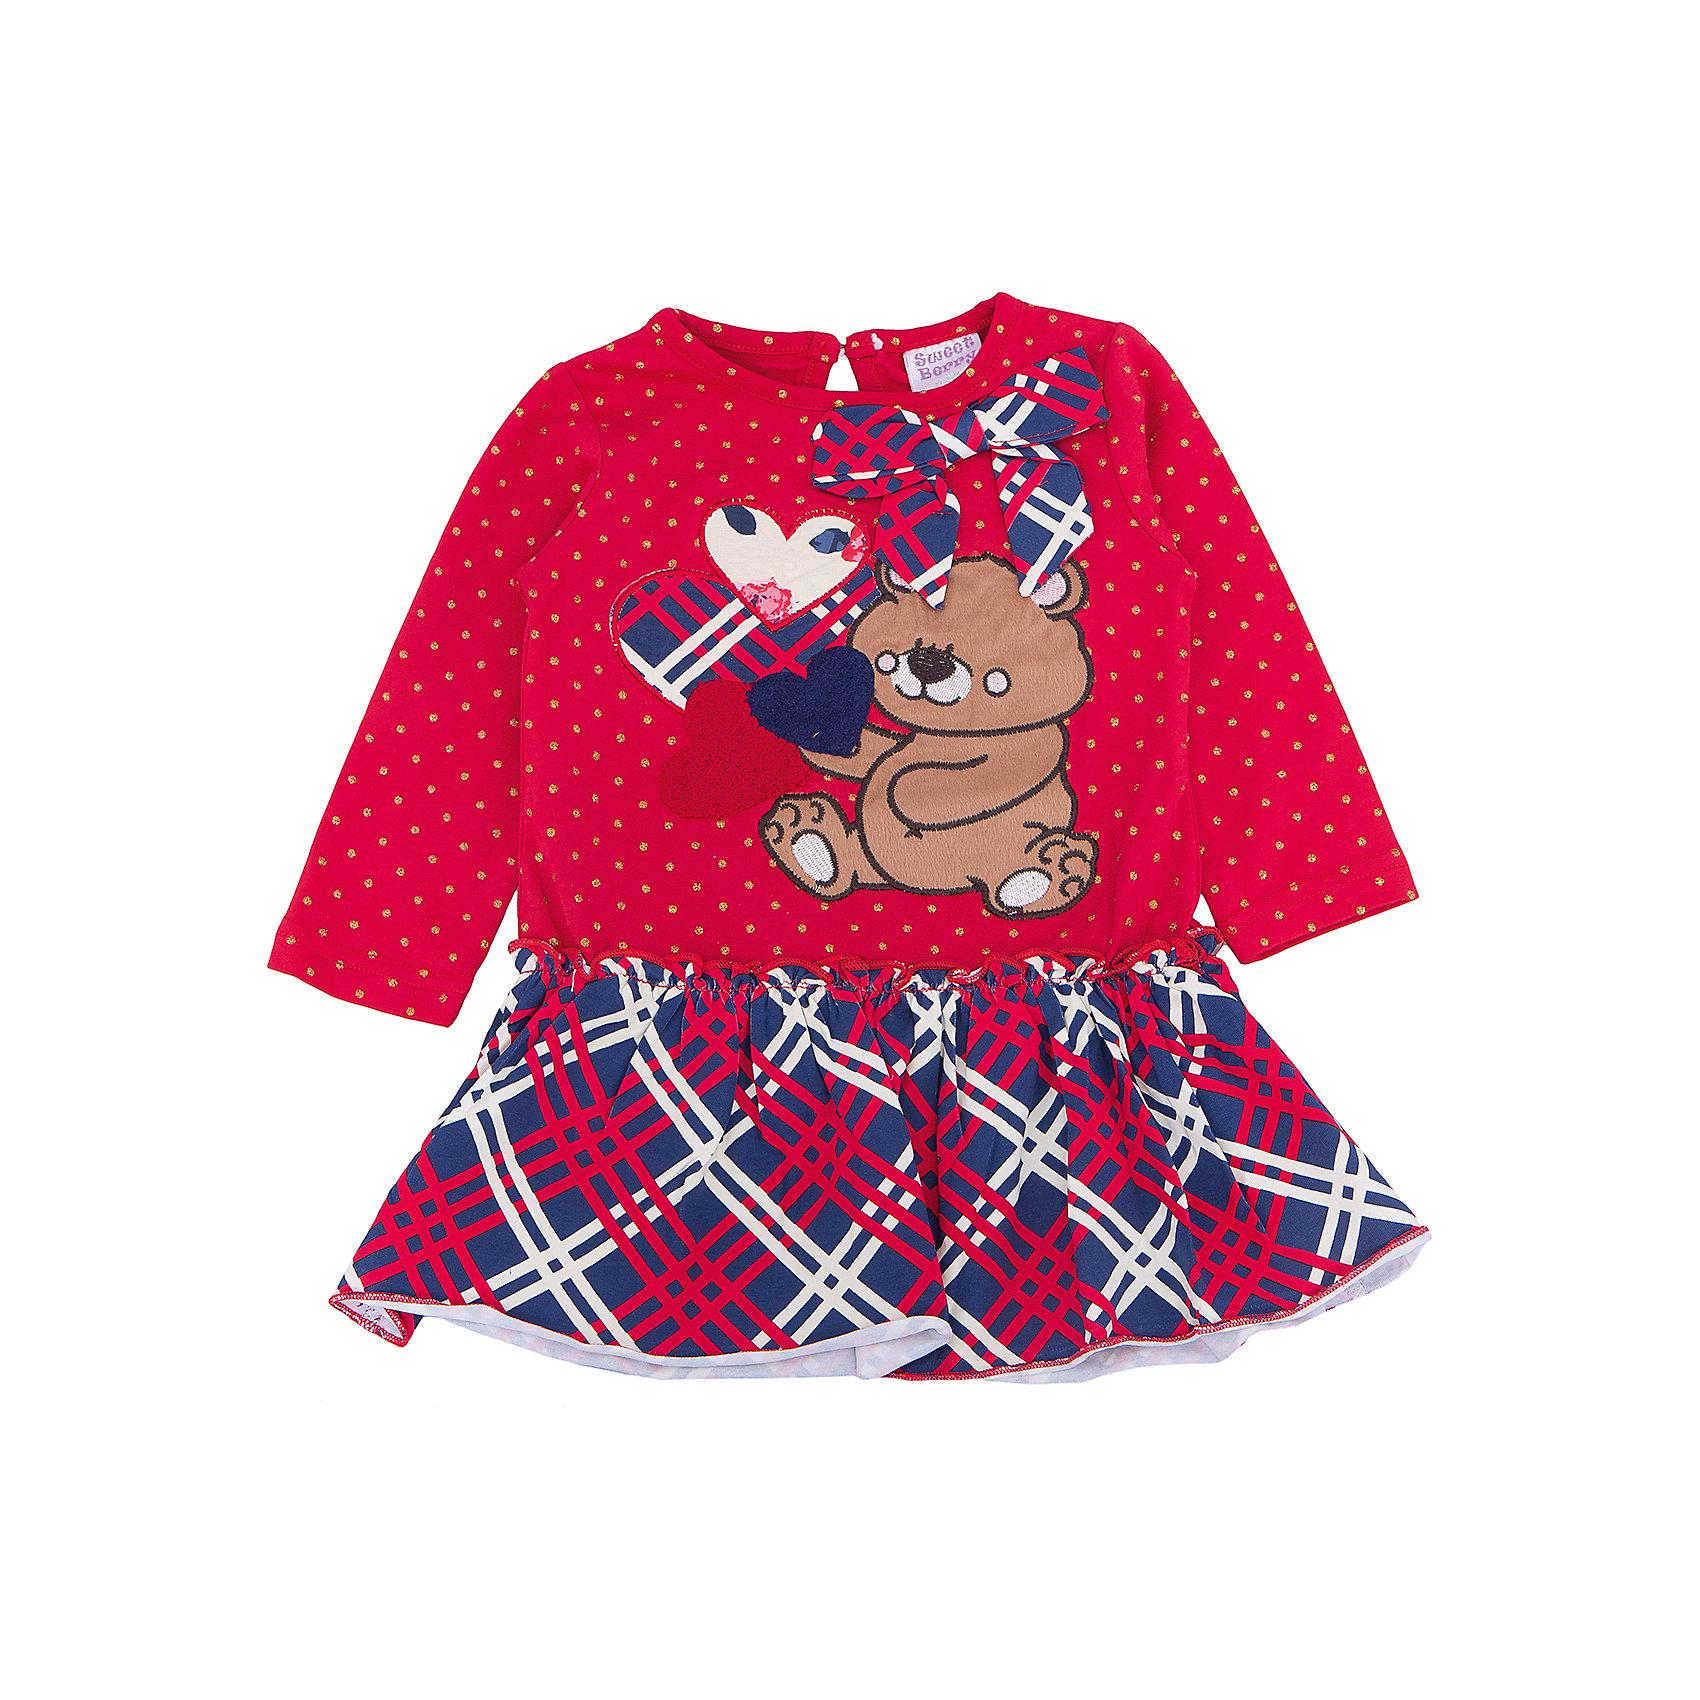 Платье для девочки Sweet BerryОсенне-зимние платья и сарафаны<br>Такое платье отличается модным дизайном с принтом и бантом. Удачный крой обеспечит ребенку комфорт и тепло. Плотный материал делает вещь идеальной для прохладной погоды. Она хорошо прилегает к телу там, где нужно, и отлично сидит по фигуре. Натуральный хлопок в составе трикотажа обеспечит коже возможность дышать и не вызовет аллергии.<br>Одежда от бренда Sweet Berry - это простой и выгодный способ одеть ребенка удобно и стильно. Всё изделия тщательно проработаны: швы - прочные, материал - качественный, фурнитура - подобранная специально для детей.<br><br>Дополнительная информация:<br><br>цвет: красный;<br>состав: 95% хлопок, 5% эластан;<br>декорировано принтом и бантом.<br><br>Платье для девочки от бренда Sweet Berry можно купить в нашем интернет-магазине.<br><br>Ширина мм: 236<br>Глубина мм: 16<br>Высота мм: 184<br>Вес г: 177<br>Цвет: красный<br>Возраст от месяцев: 24<br>Возраст до месяцев: 36<br>Пол: Женский<br>Возраст: Детский<br>Размер: 98,80,86,92<br>SKU: 4931343